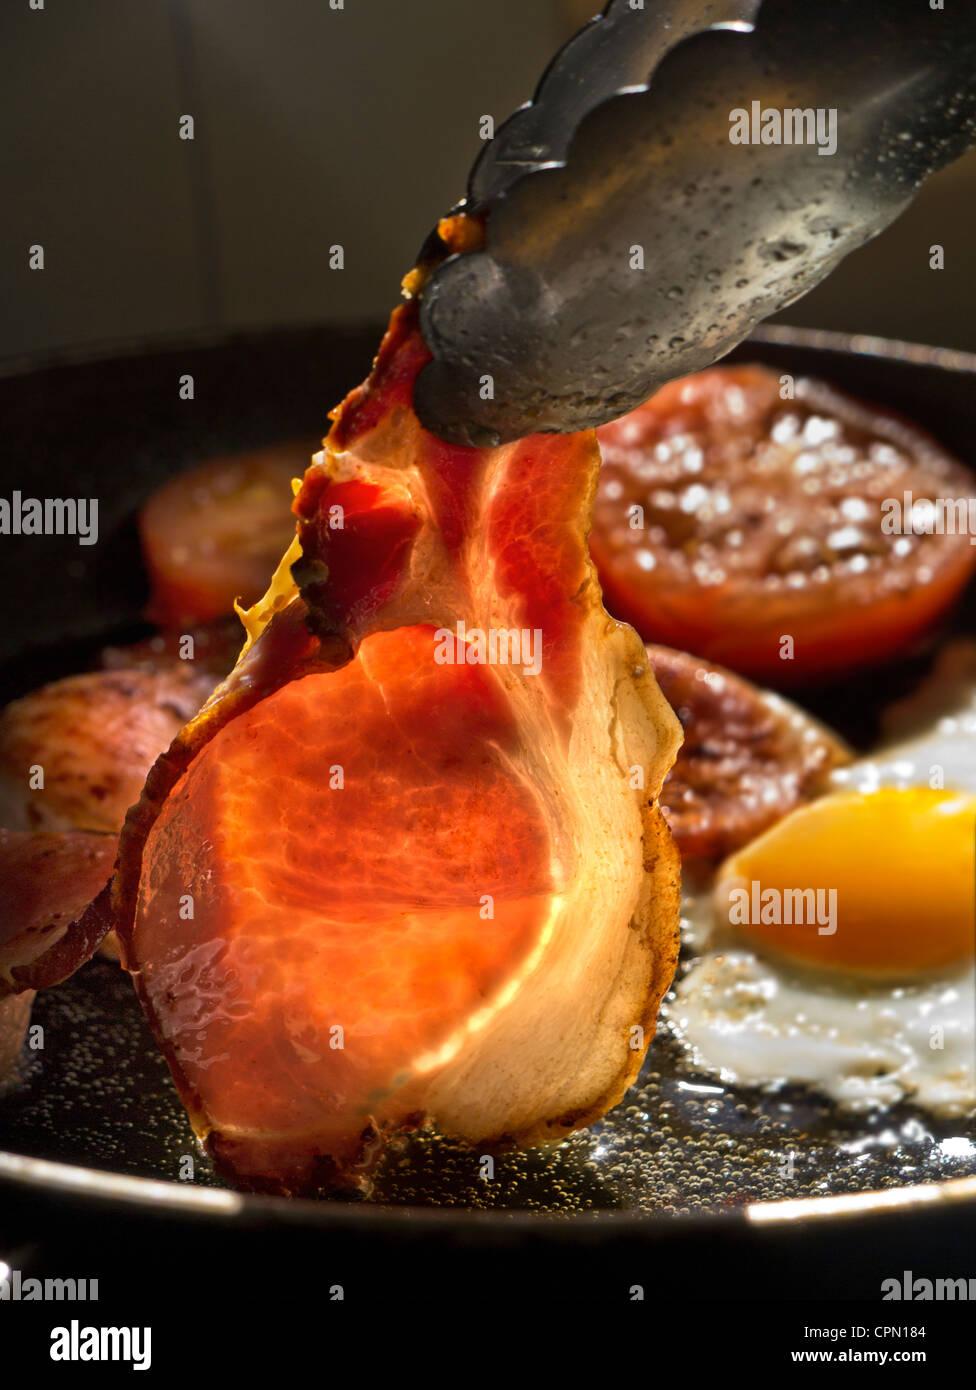 Albero del sole illumina un rasher di organico back bacon essendo ruotata in una padella calda contenenti uova fritte Immagini Stock